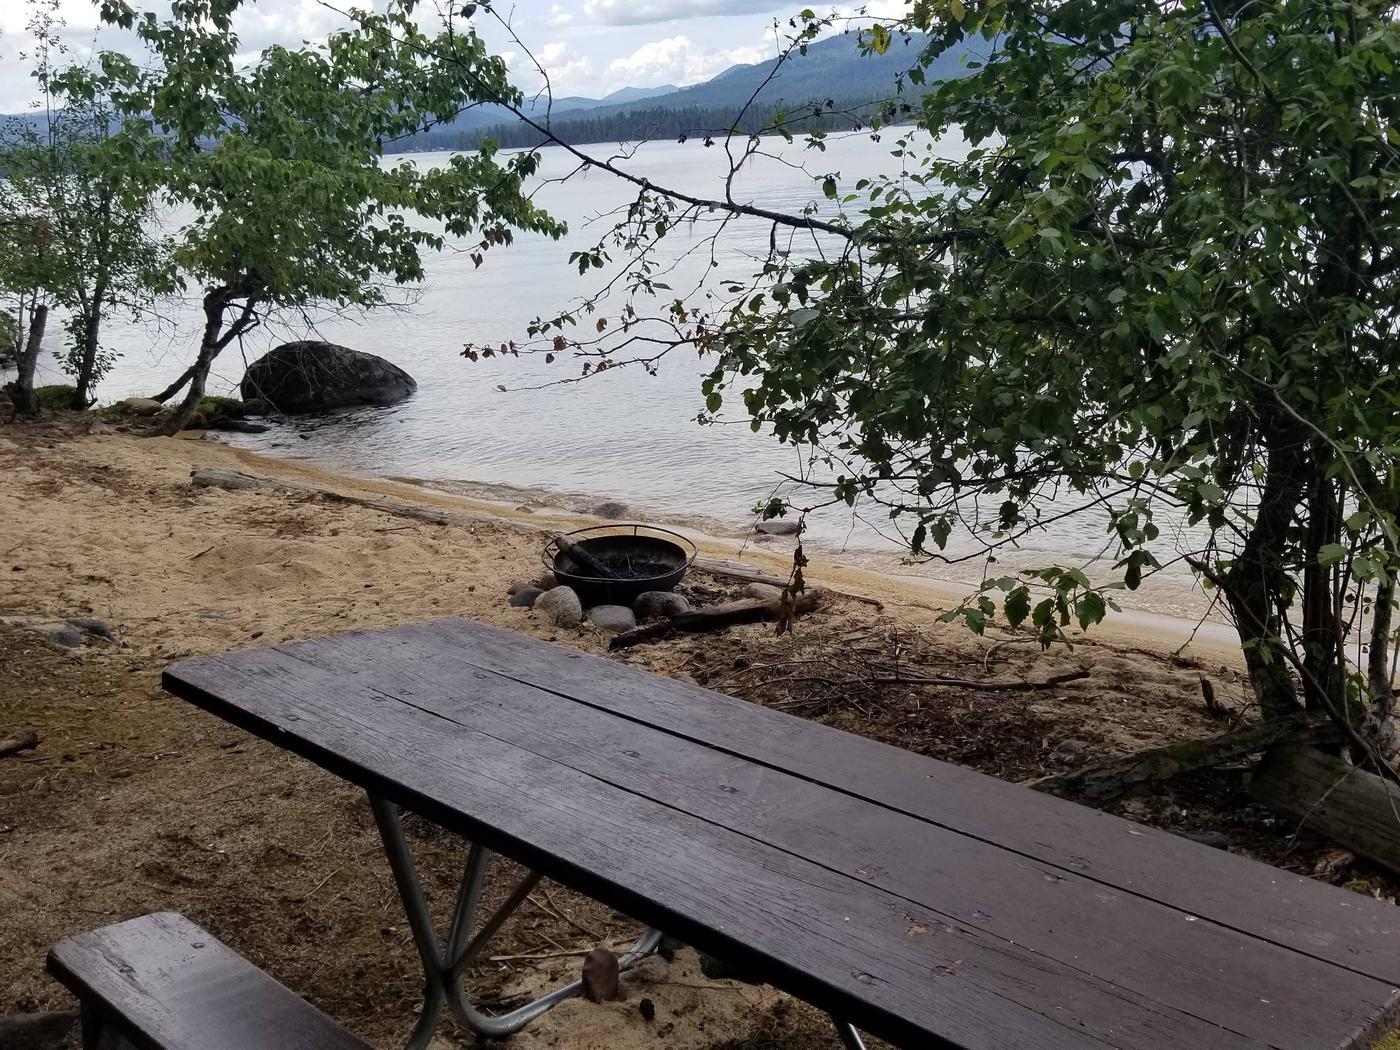 North Bartoo Site #5North Bartoo Boat-in Campsite #5